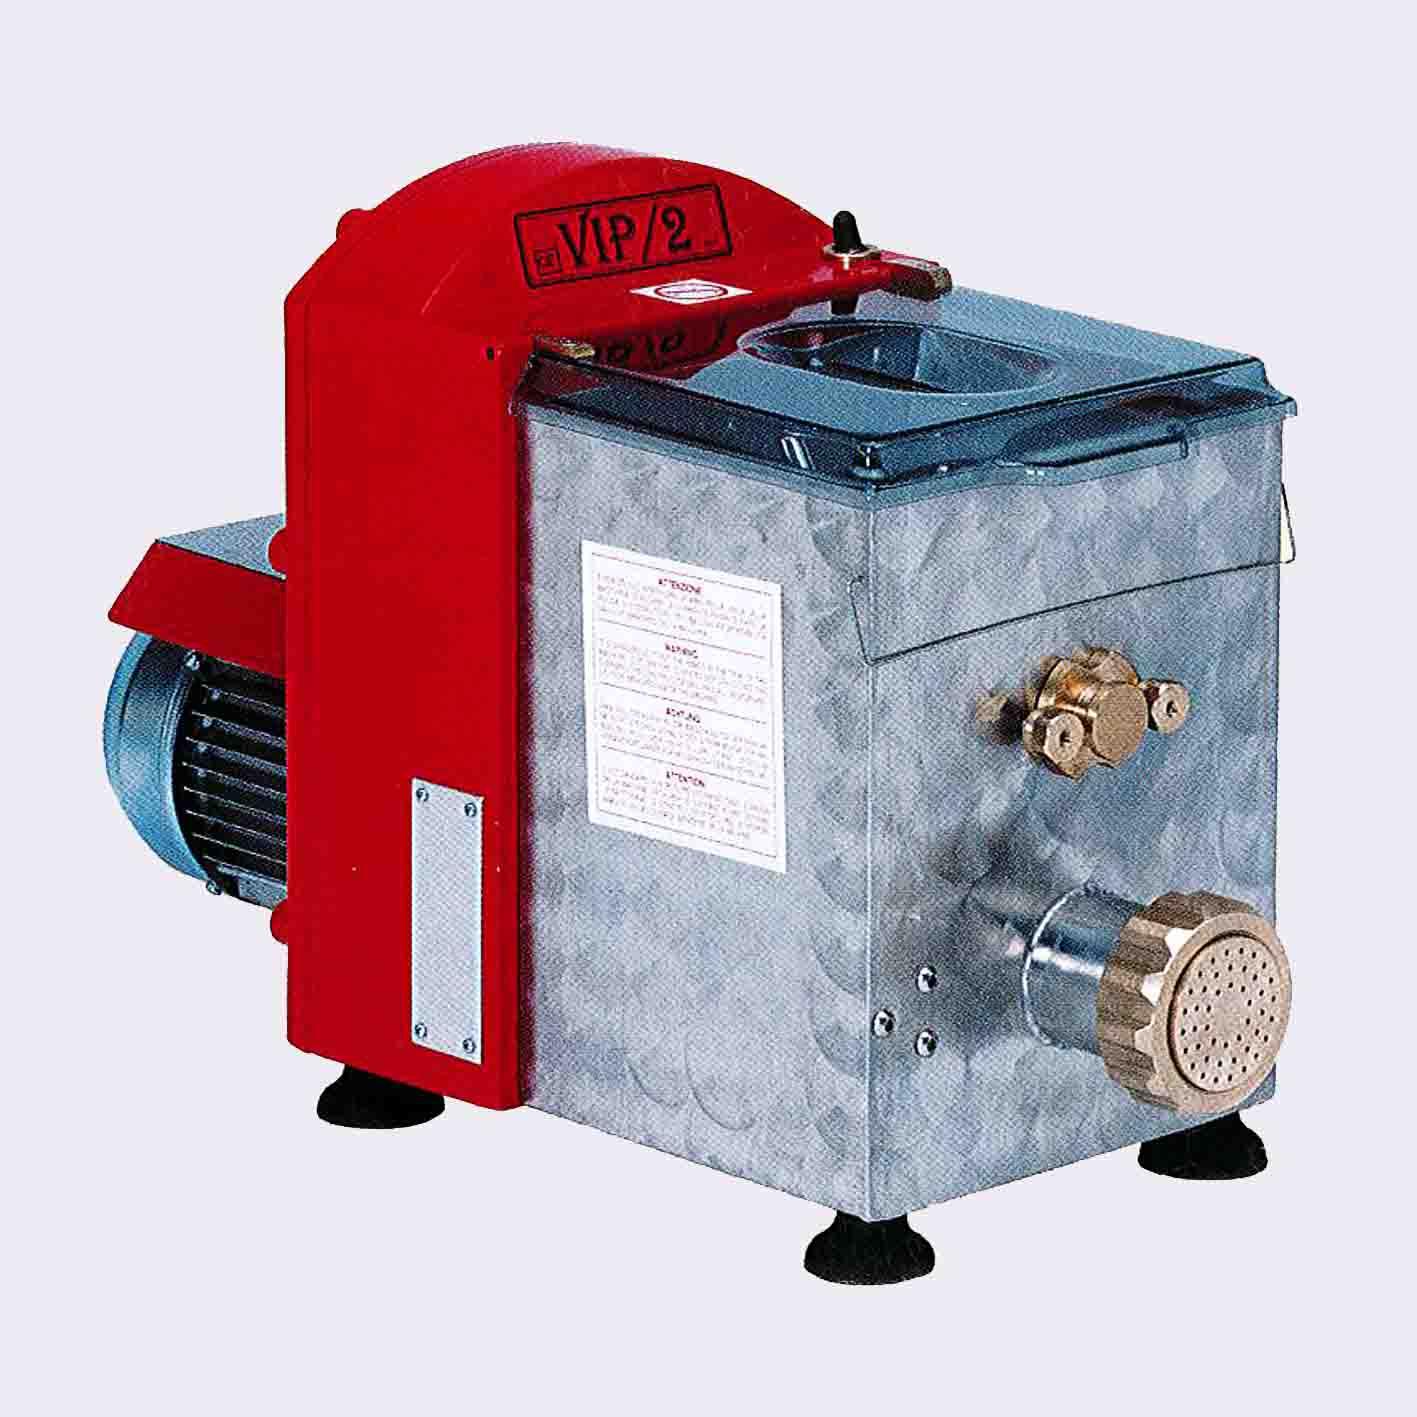 Vip 2 macchina automatica per fare la pasta fresca per - Macchine per la pasta casalinga ...